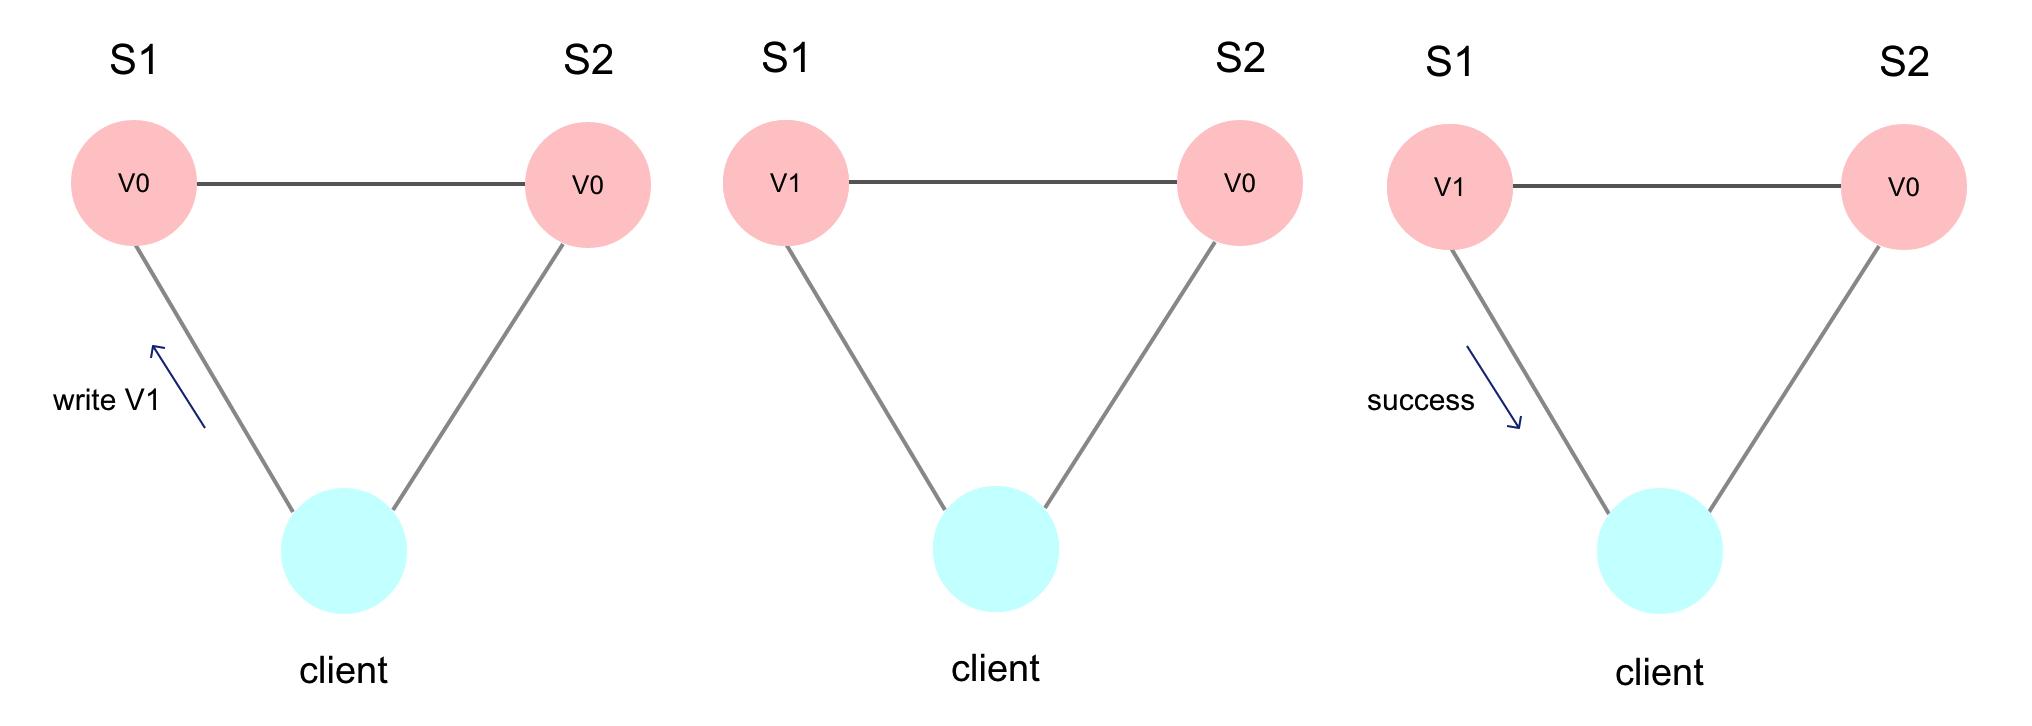 cap-client-send-write-request.png